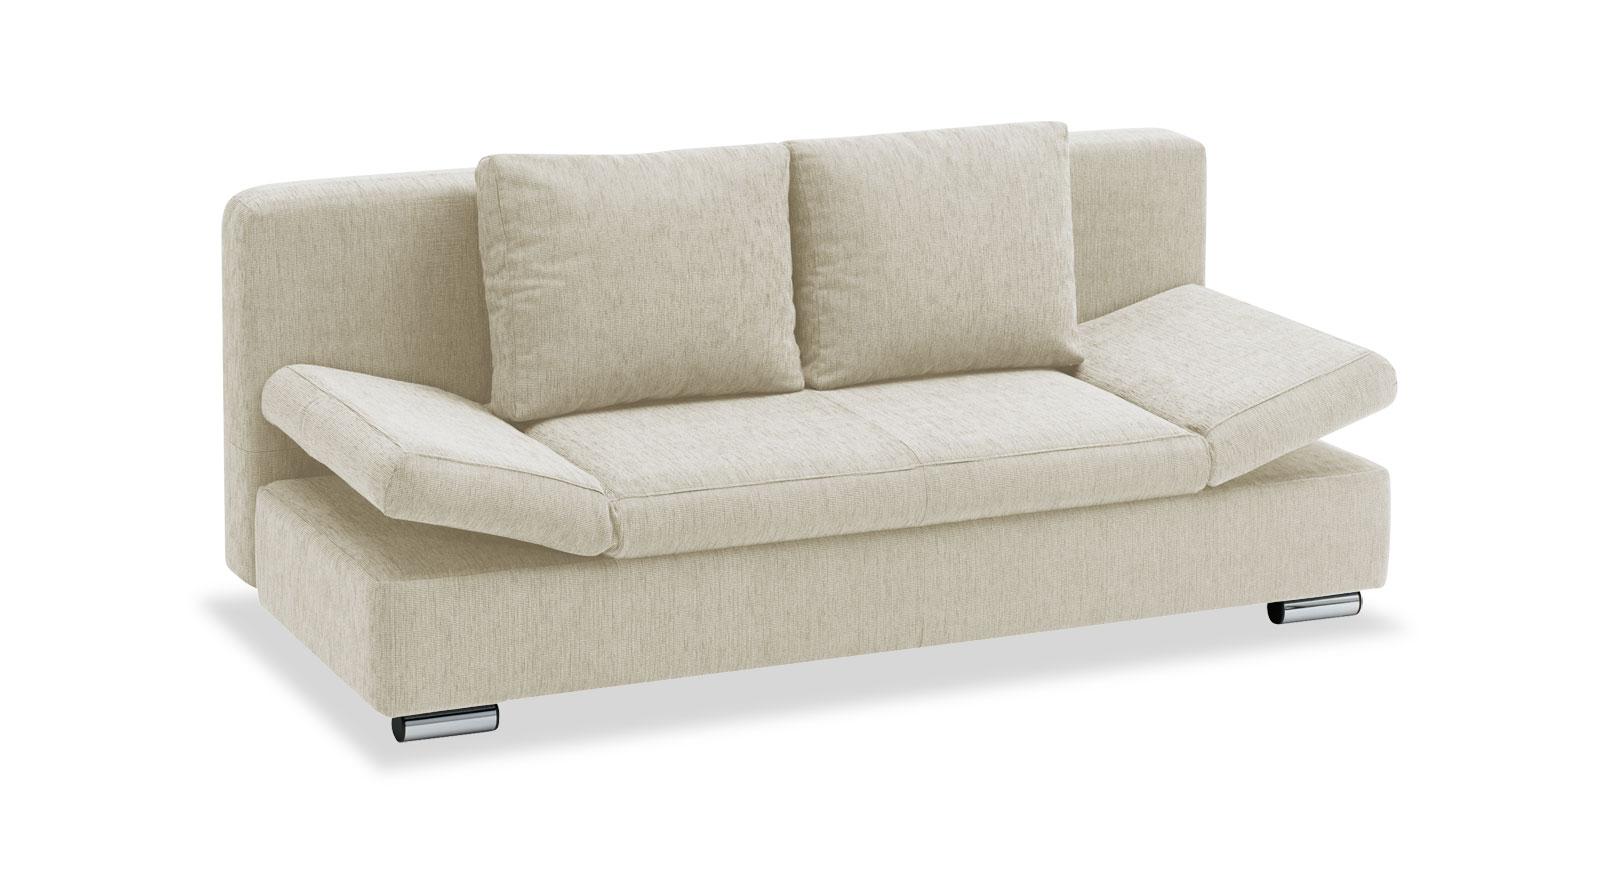 2 sitzer schlafsofa new jamboree mit schlaffunktion. Black Bedroom Furniture Sets. Home Design Ideas